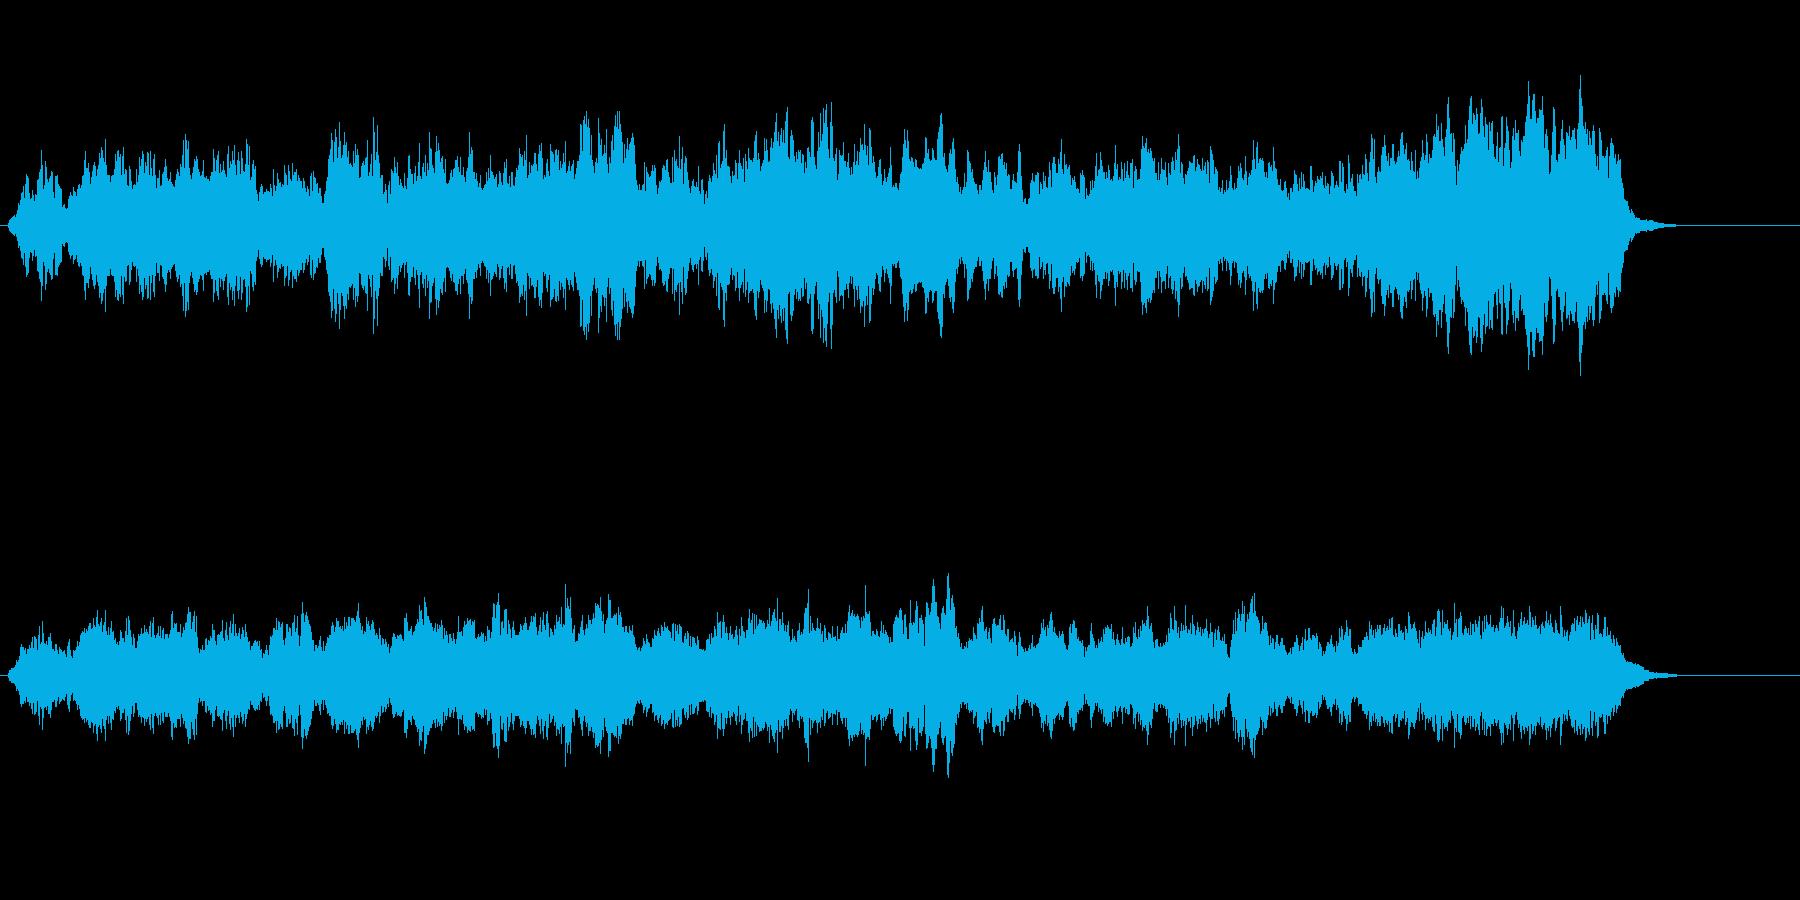 広がりを感じる神秘的なシンセサイザーの…の再生済みの波形